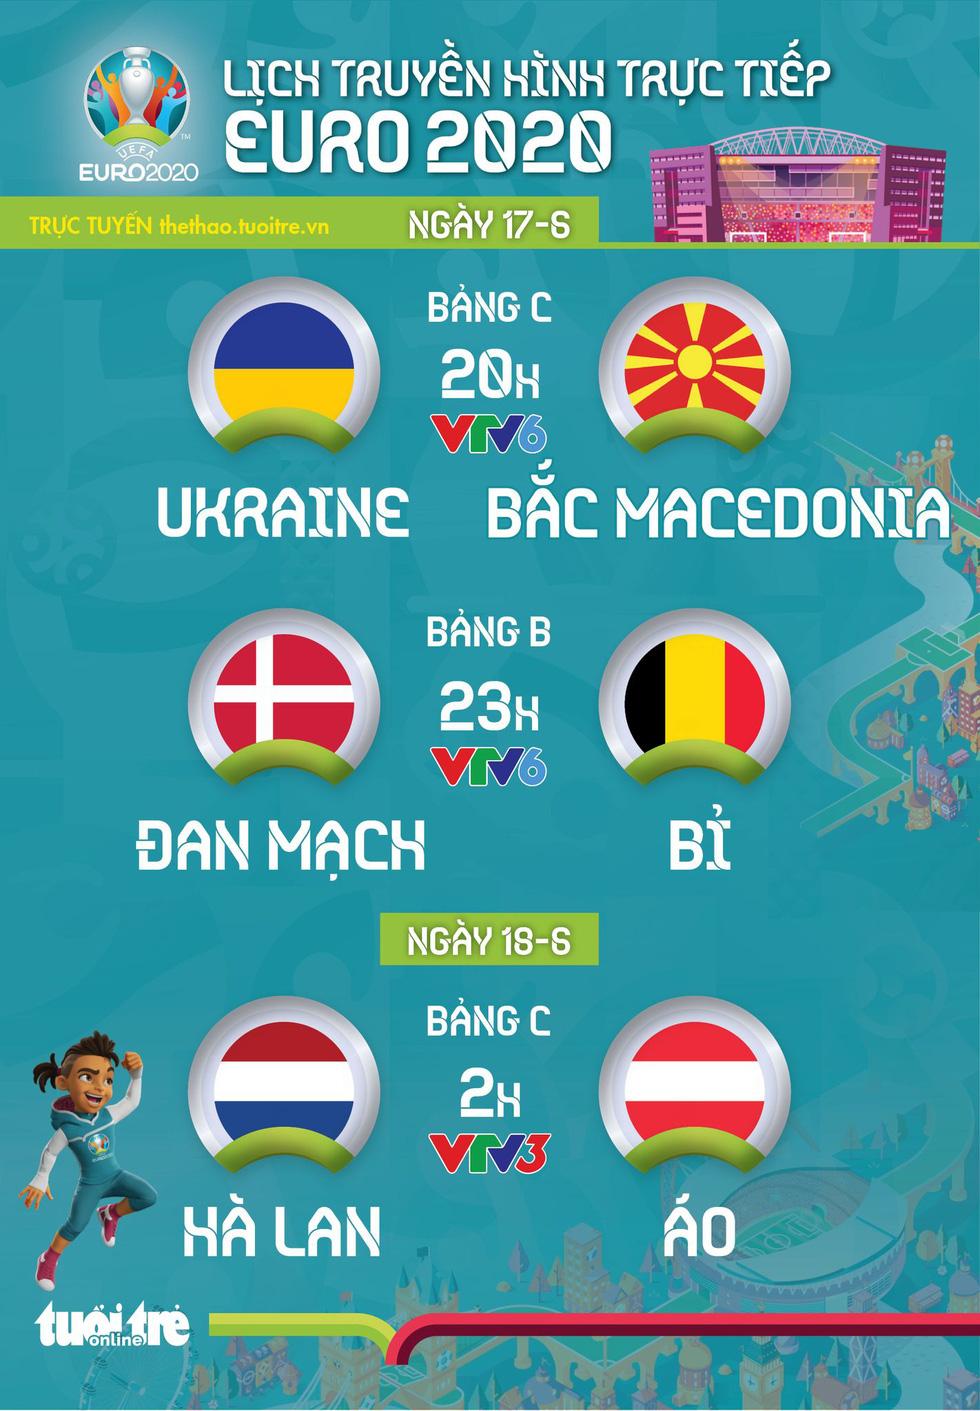 Bảng tổng hợp lịch truyền hình trực tiếp EURO tối nay